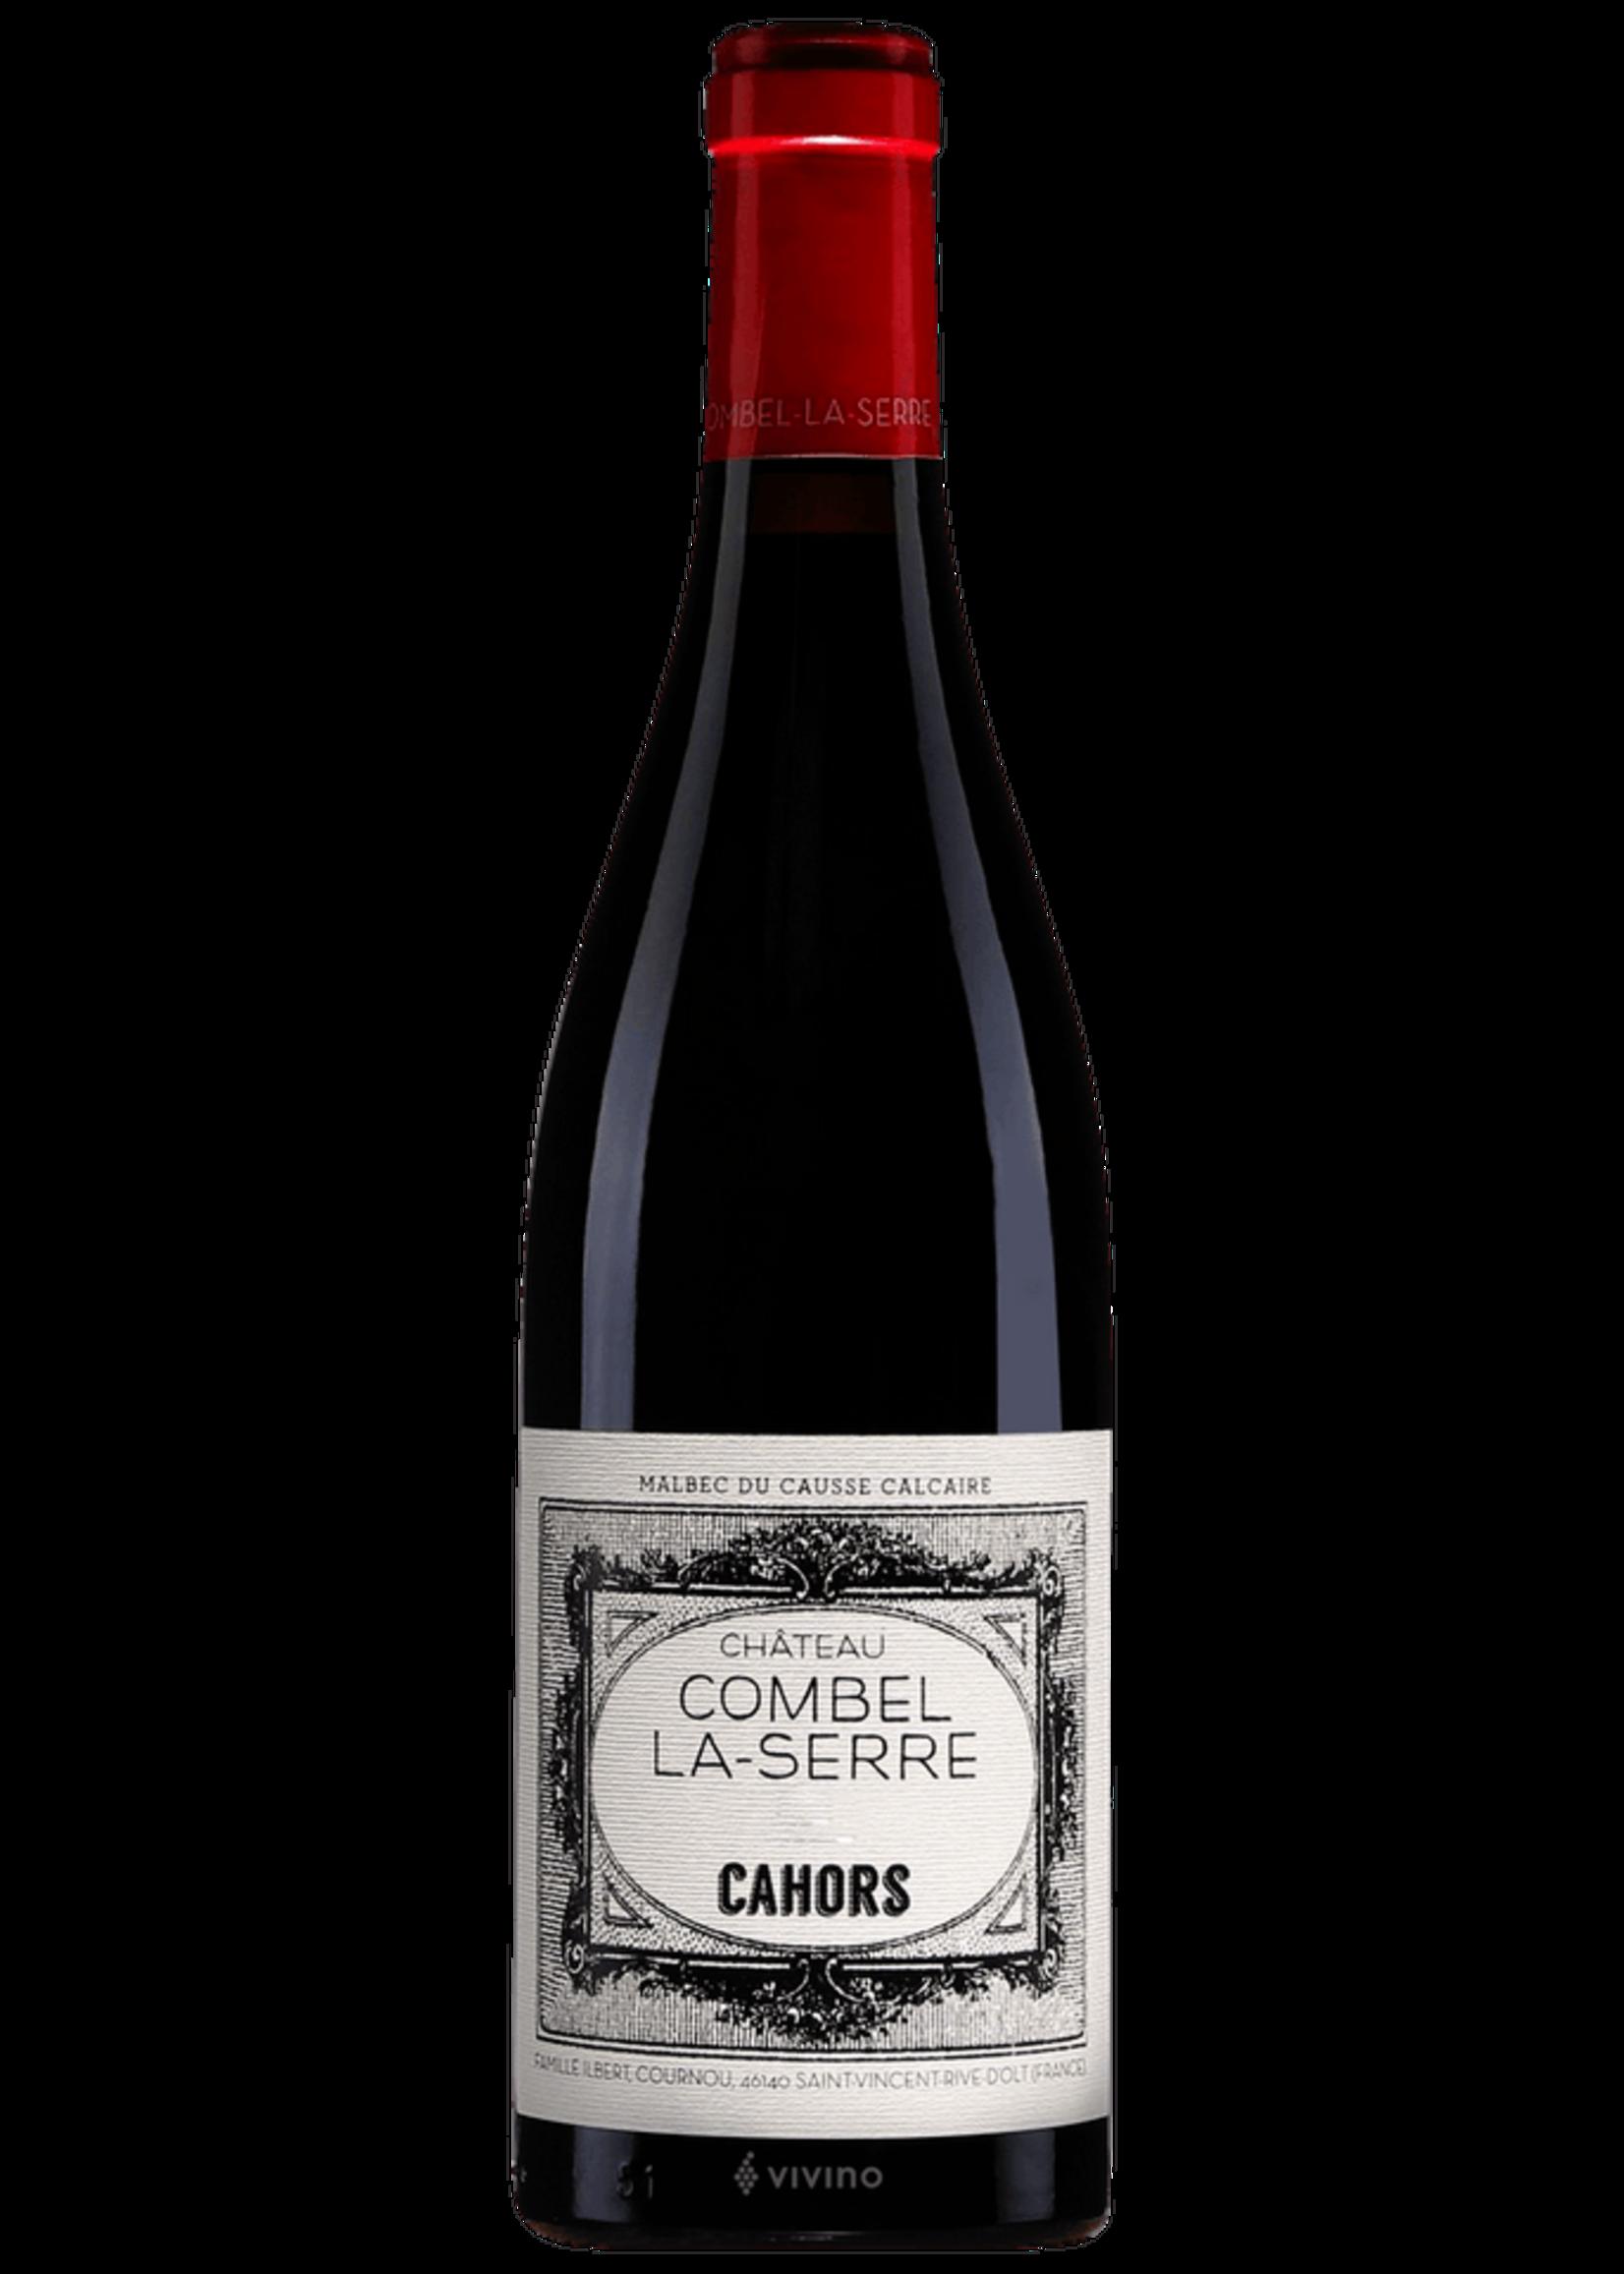 Château Combel La Serre Château Combel La Serre / Coeur de Cuvée Cahors 2018 / 750mL